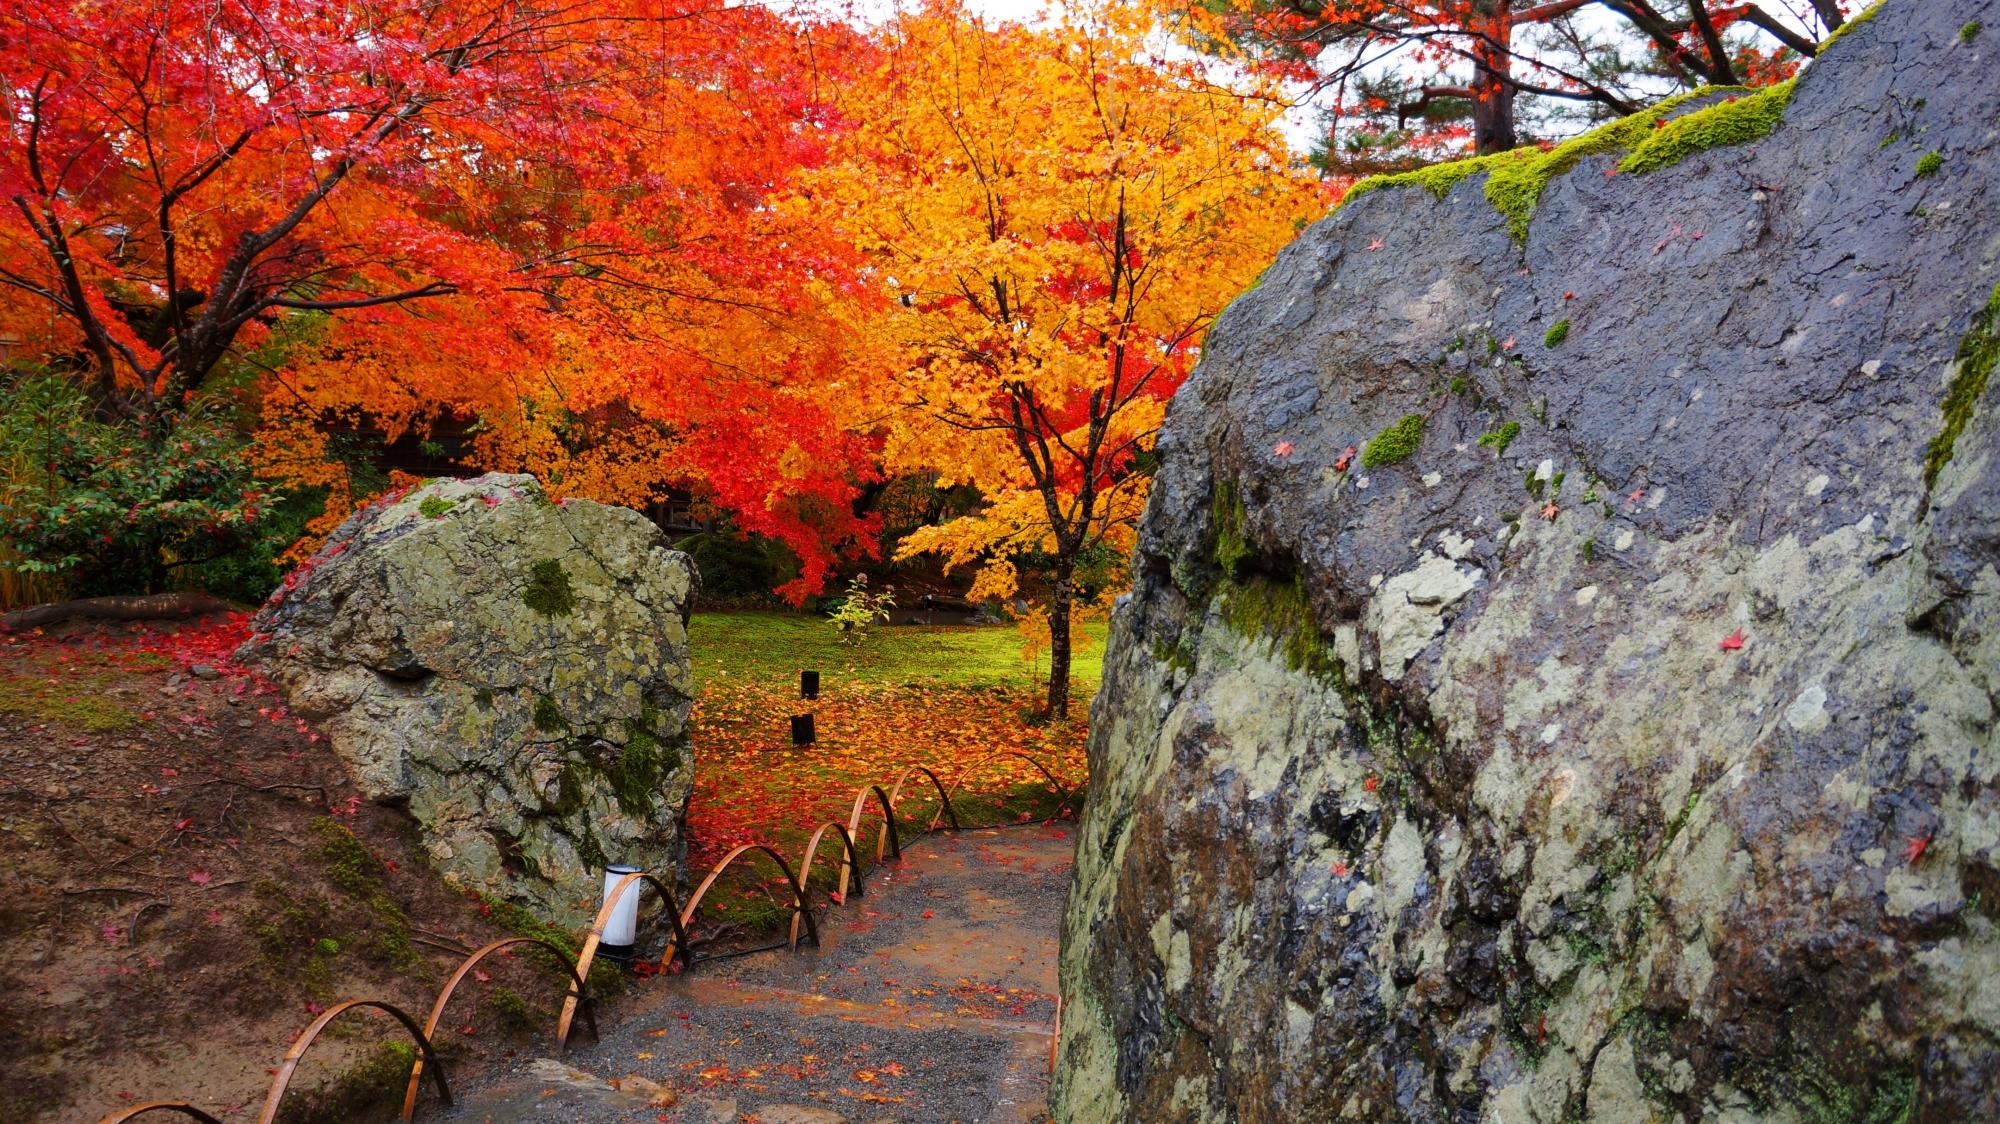 獅子吼の庭の碧岩と紅葉